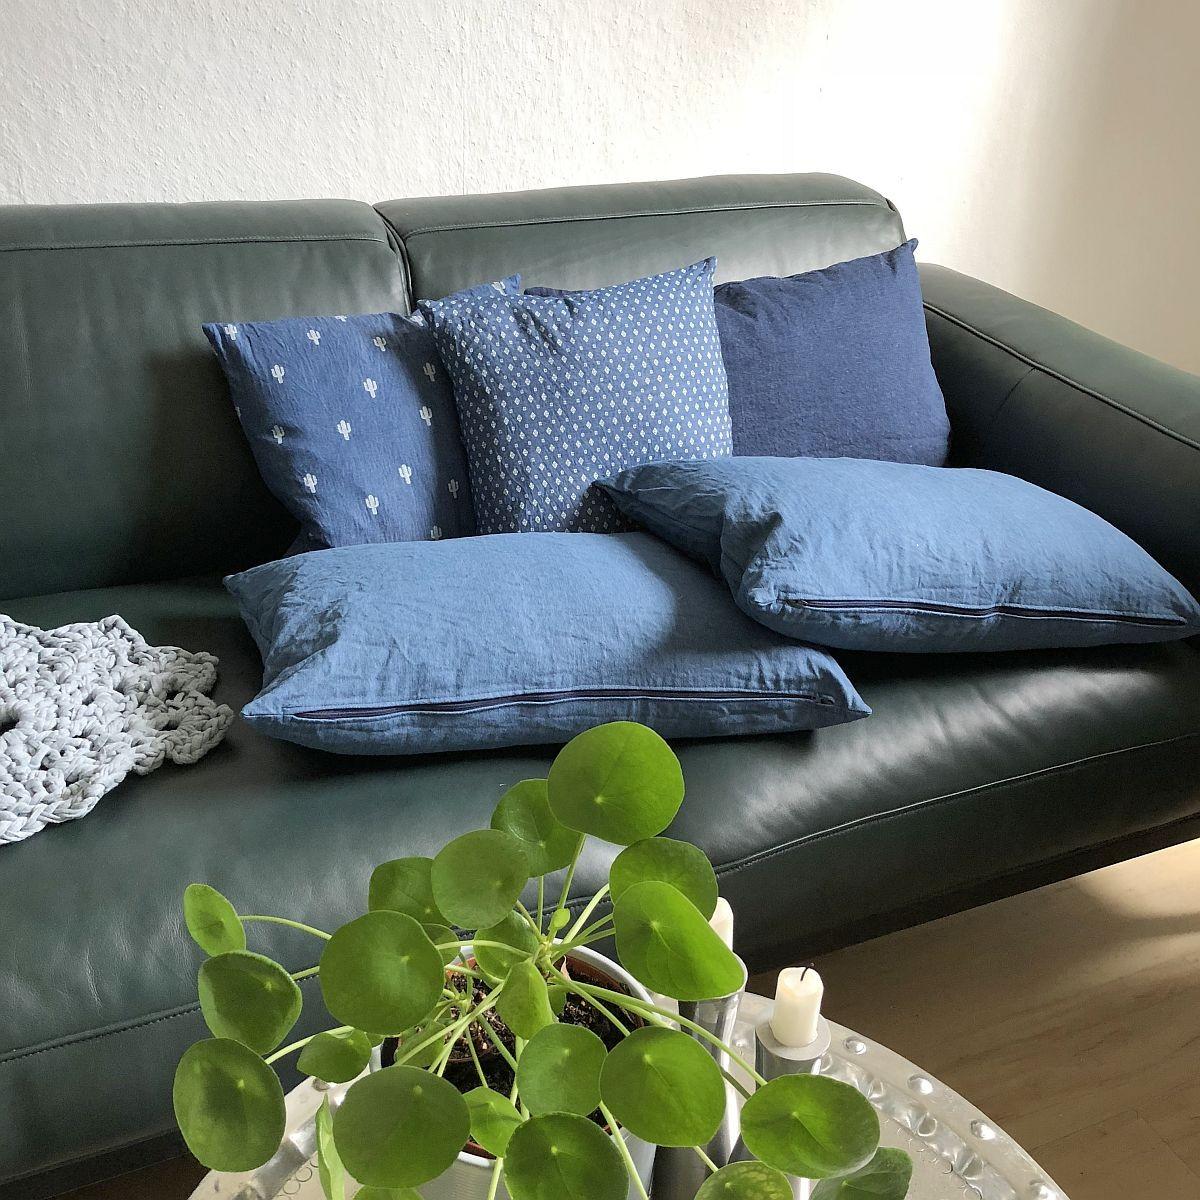 Full Size of Sofa Hannover 2 Sitzer Mit Schlaffunktion Xxl Grau Heimkino Arten Rahaus Bezug Ecksofa Big Leder Kissen Poco Machalke Riess Ambiente Günstig Kaufen L Form Sofa Sofa Hannover